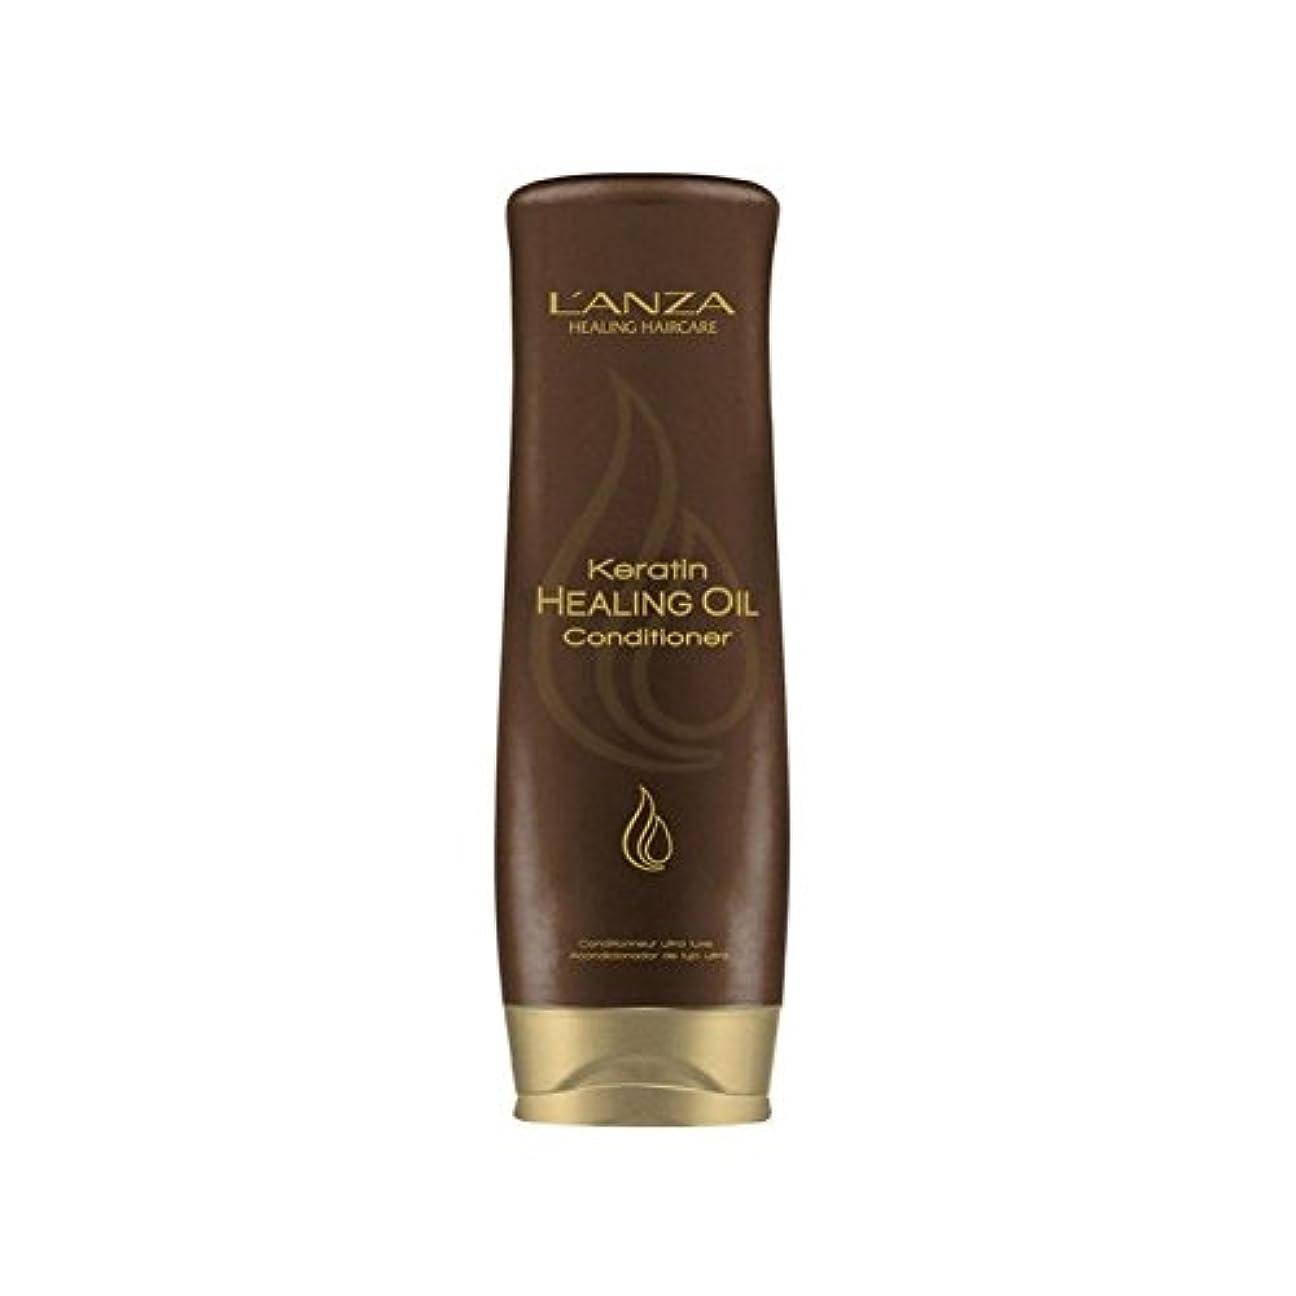 ファームペストリー火曜日L'Anza Keratin Healing Oil Conditioner (250ml) - アンザケラチンオイルコンディショナー(250ミリリットル)を癒し [並行輸入品]